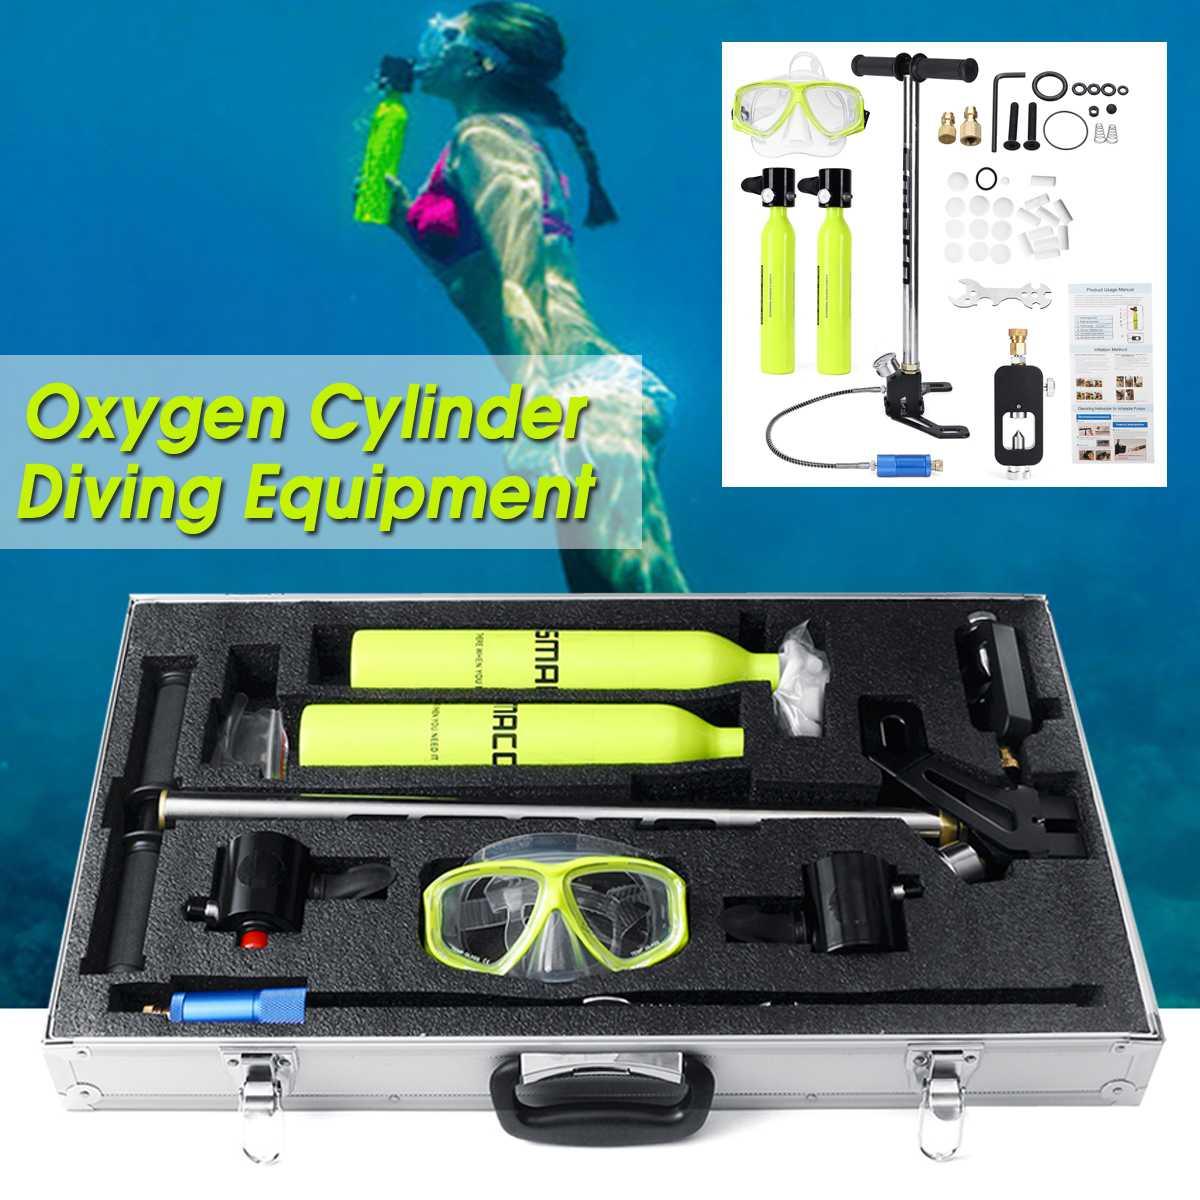 9 in1 équipement de plongée deux bouteilles d'oxygène réservoir d'air Mini réservoir de rechange de plongée régulateur de respiration boîte de vitesse liberté souffle sous l'eau